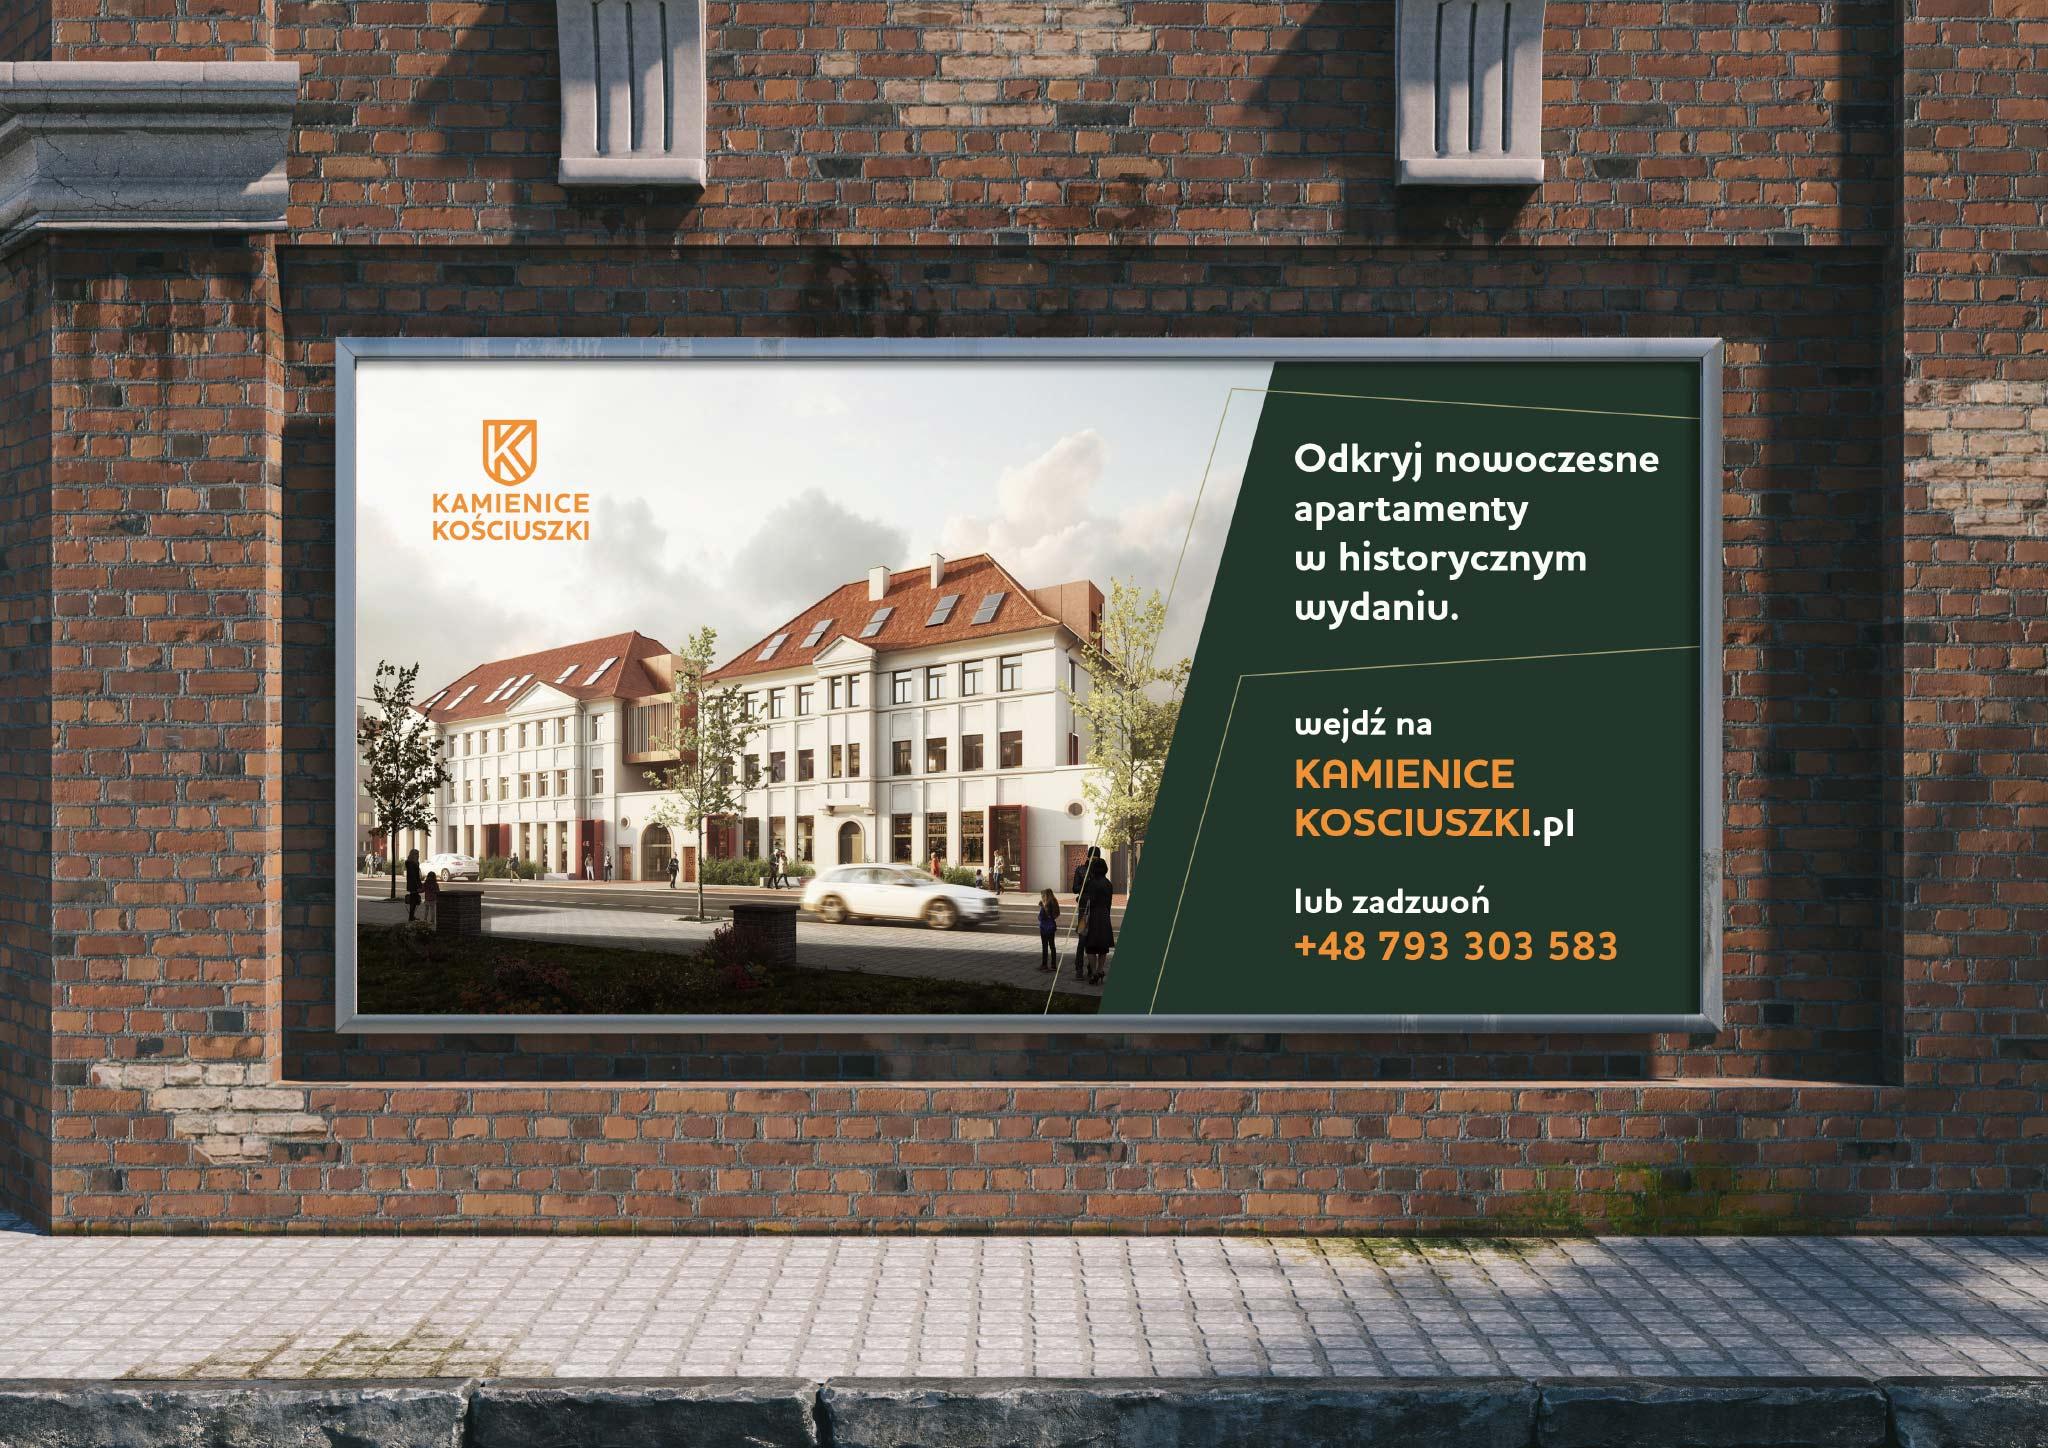 billboard Kamienice Kosciuszki